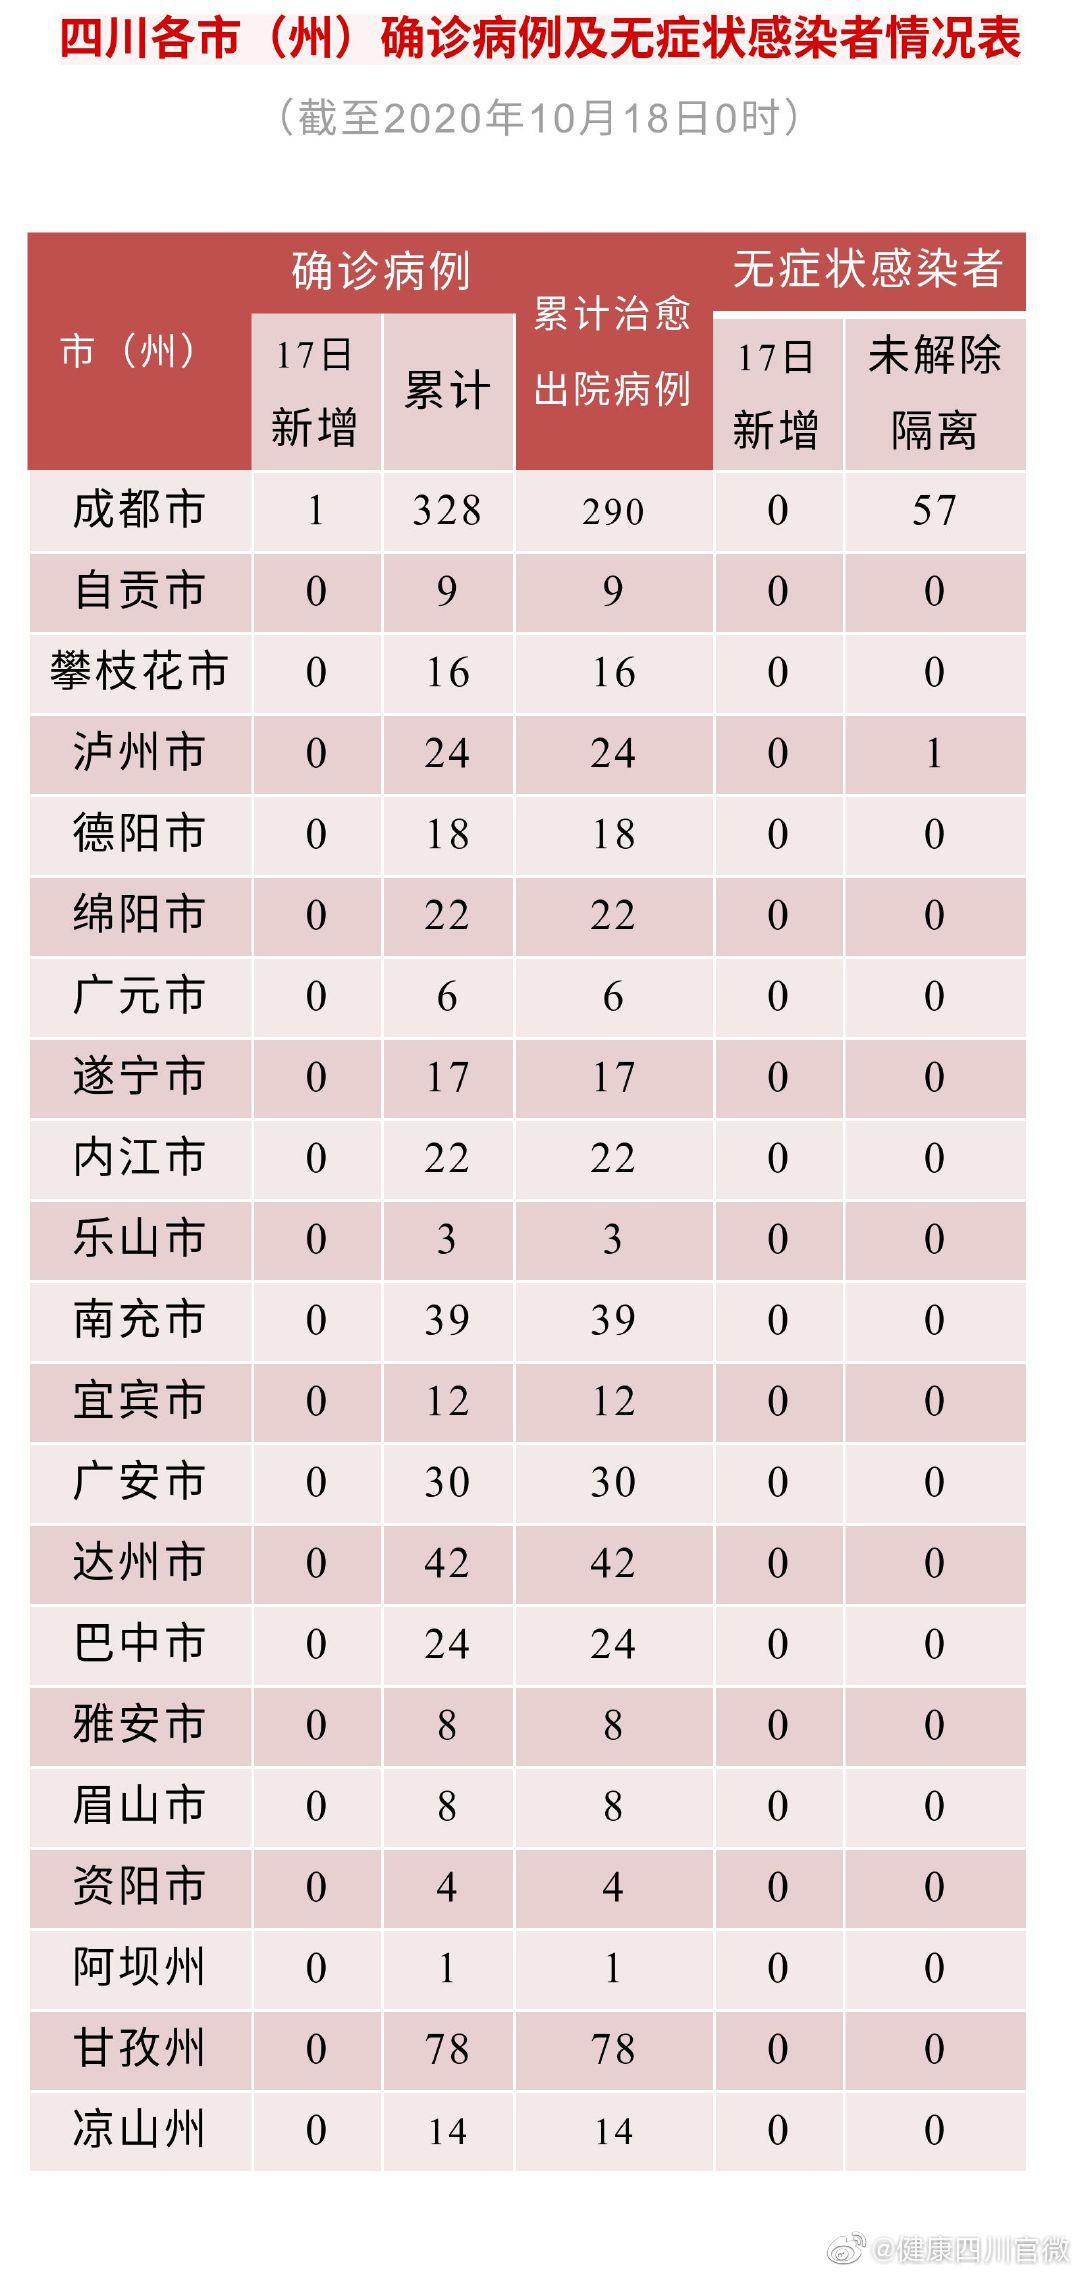 10月17日四川新增境外输出确诊病例1例(图1)